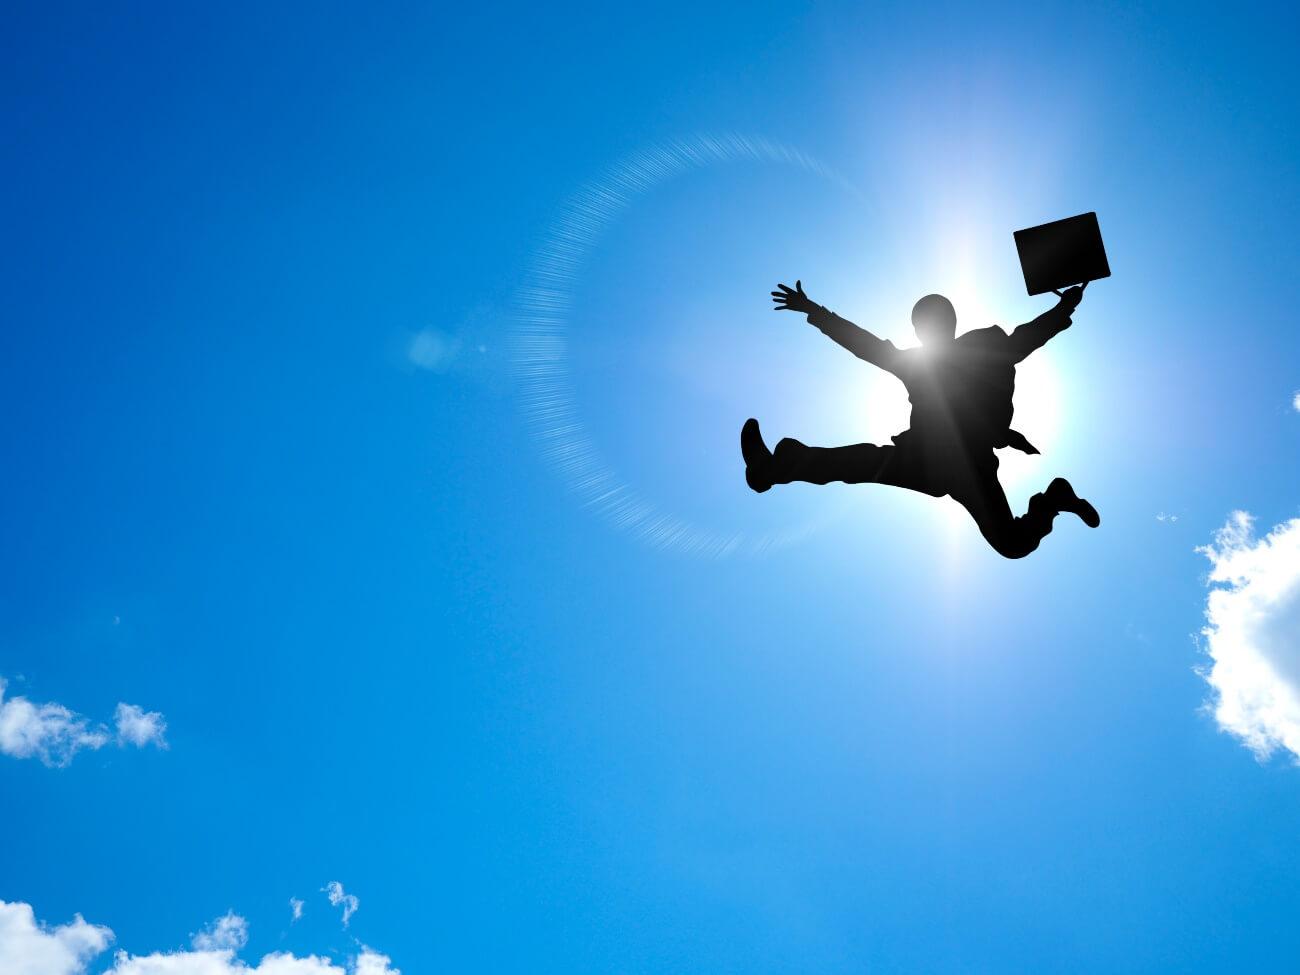 空に向かって全身を広げてジャンプしているサラリーマン